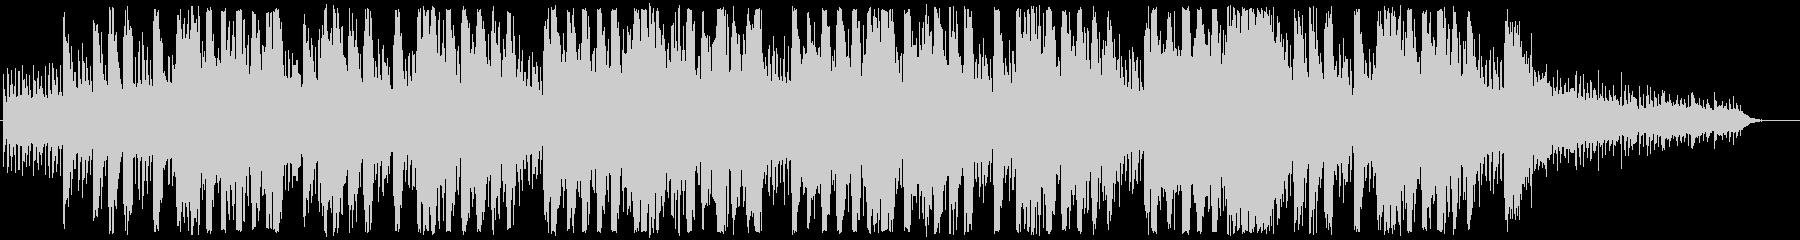 プログレッシブ 交響曲 緊張感 感...の未再生の波形